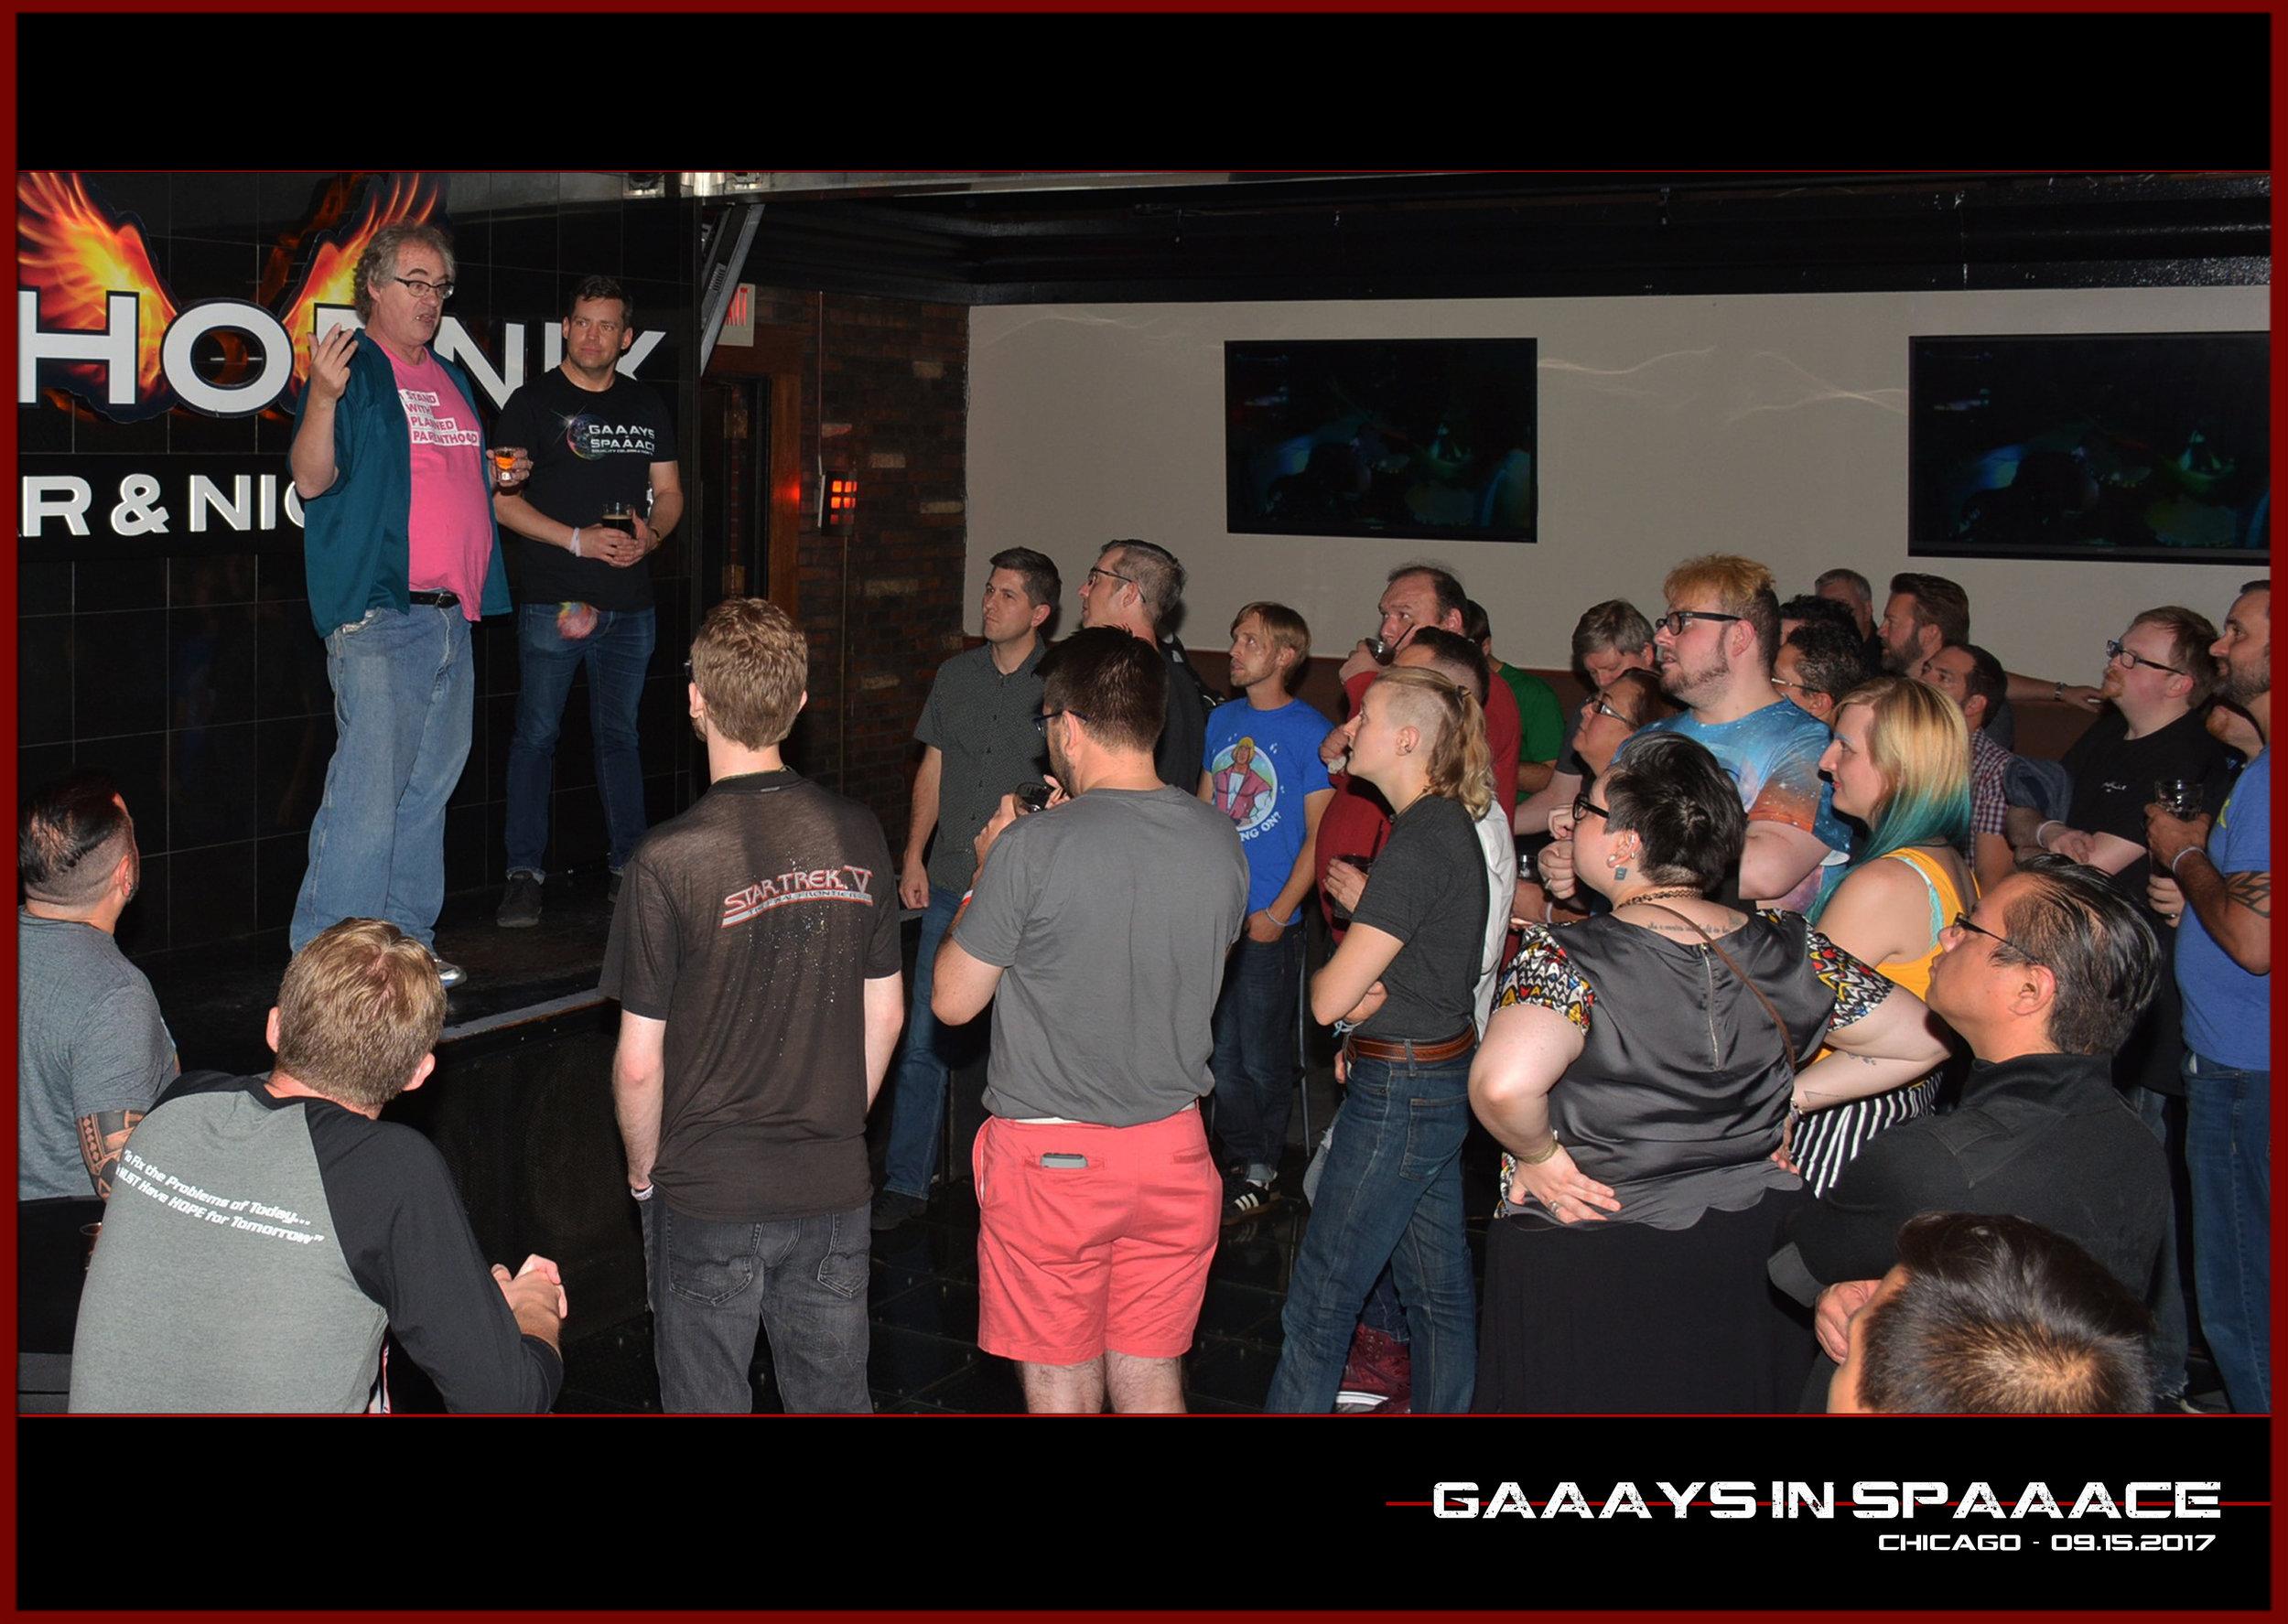 16-GIS-CHICAGO-9-15-17-JohnBillingsley-DanDeevy-OnStage-Audience.jpg